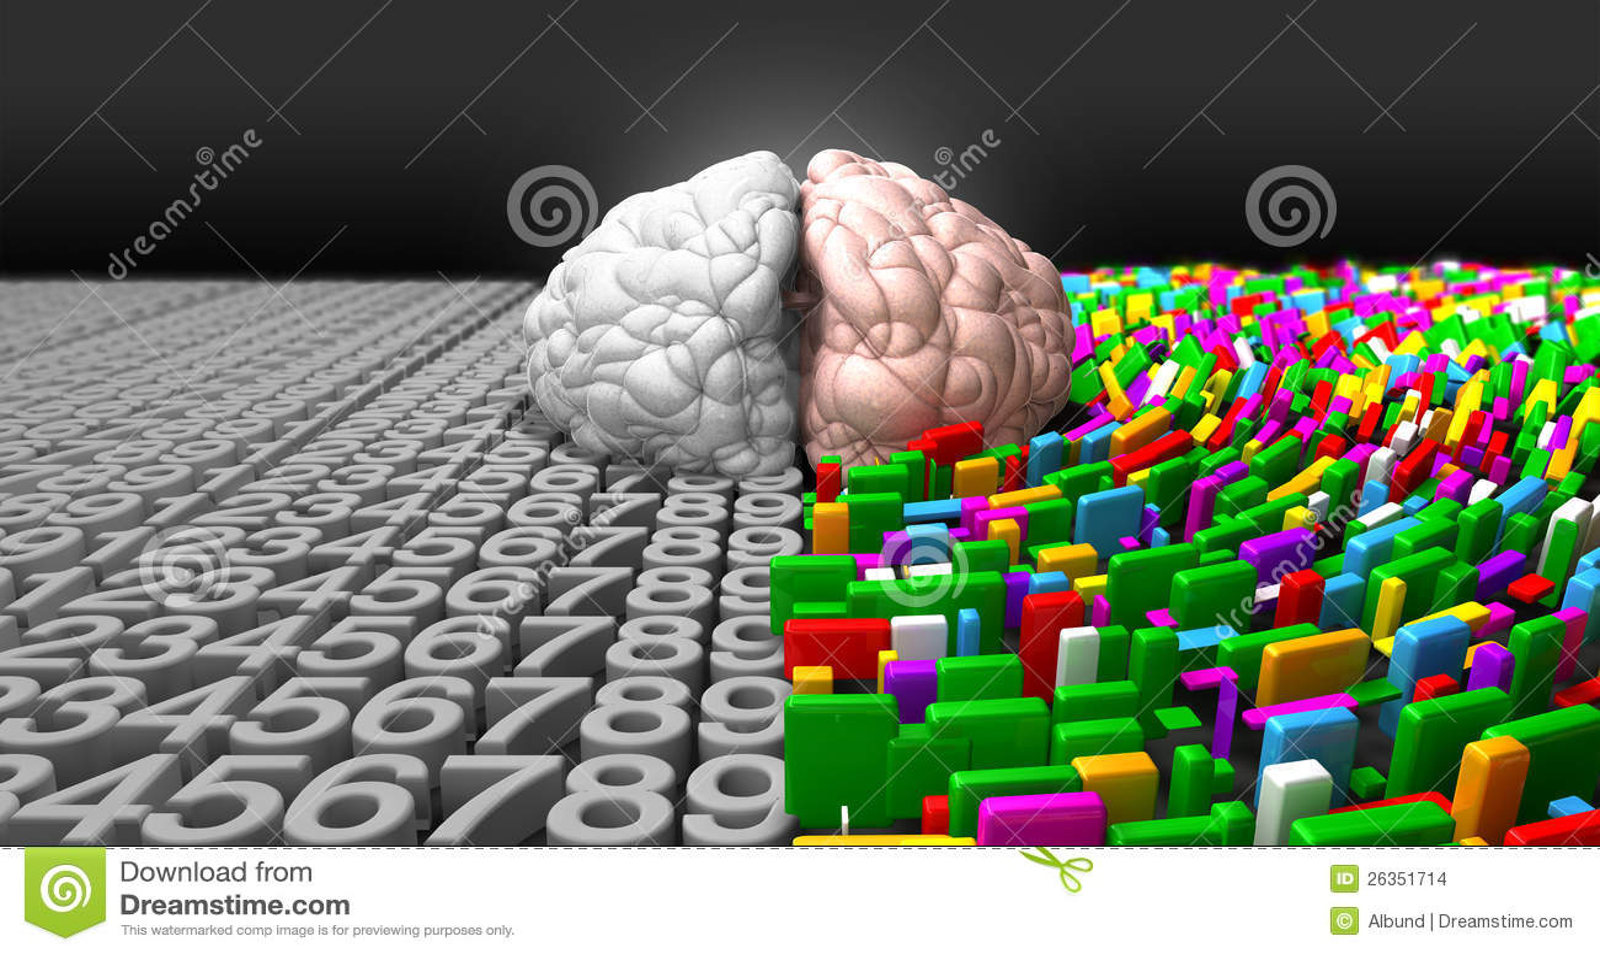 一个性色_头脑和右侧的左边的典型的脑子表示一个分散的,创造性和五颜六色的端.